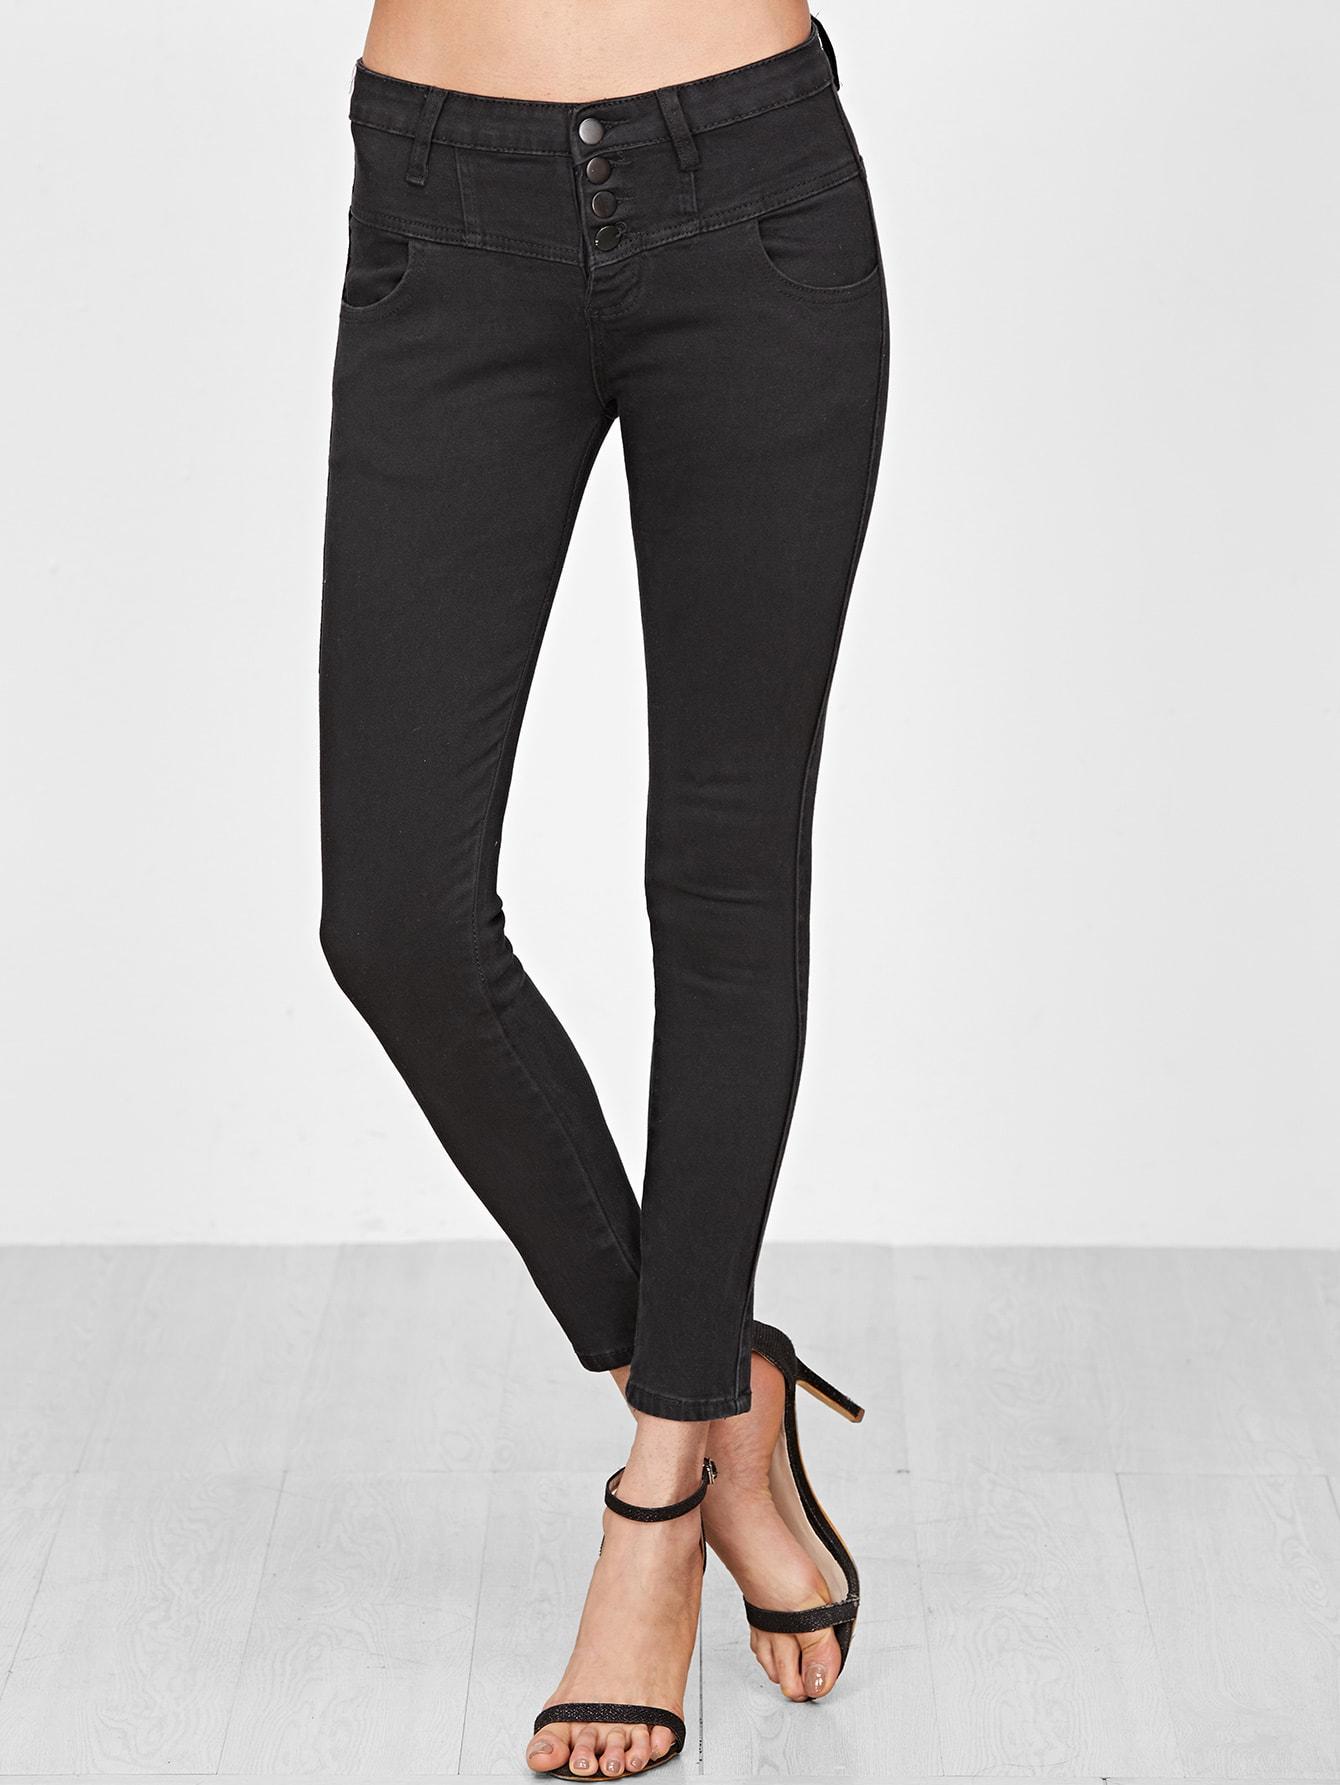 Black Single Breasted Skinny JeansBlack Single Breasted Skinny Jeans<br><br>color: Black<br>size: M